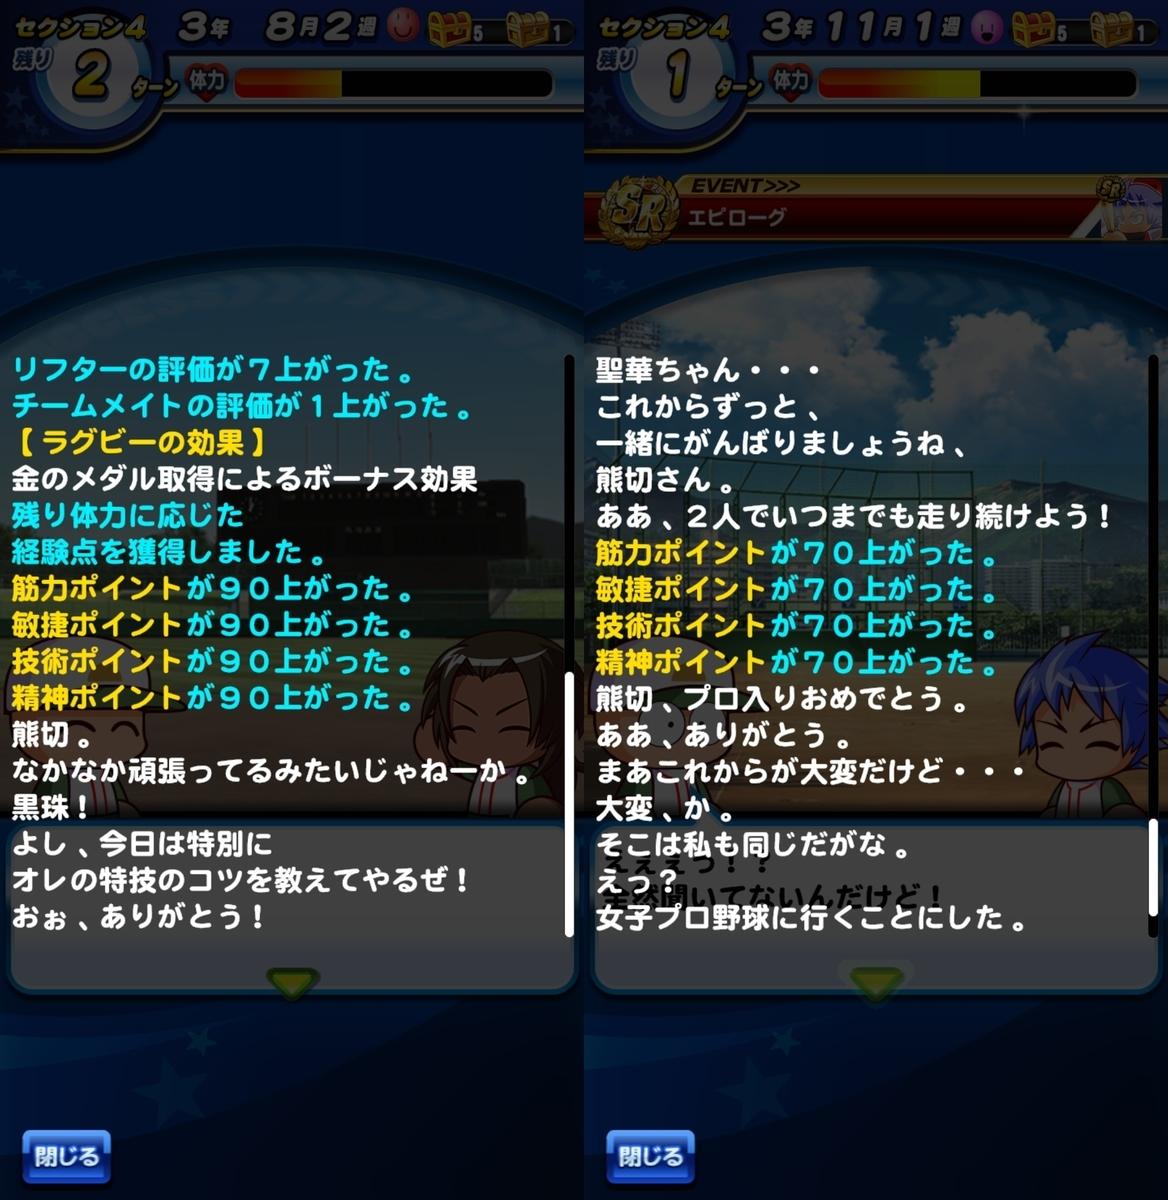 f:id:arimurasaji:20200730174753j:plain